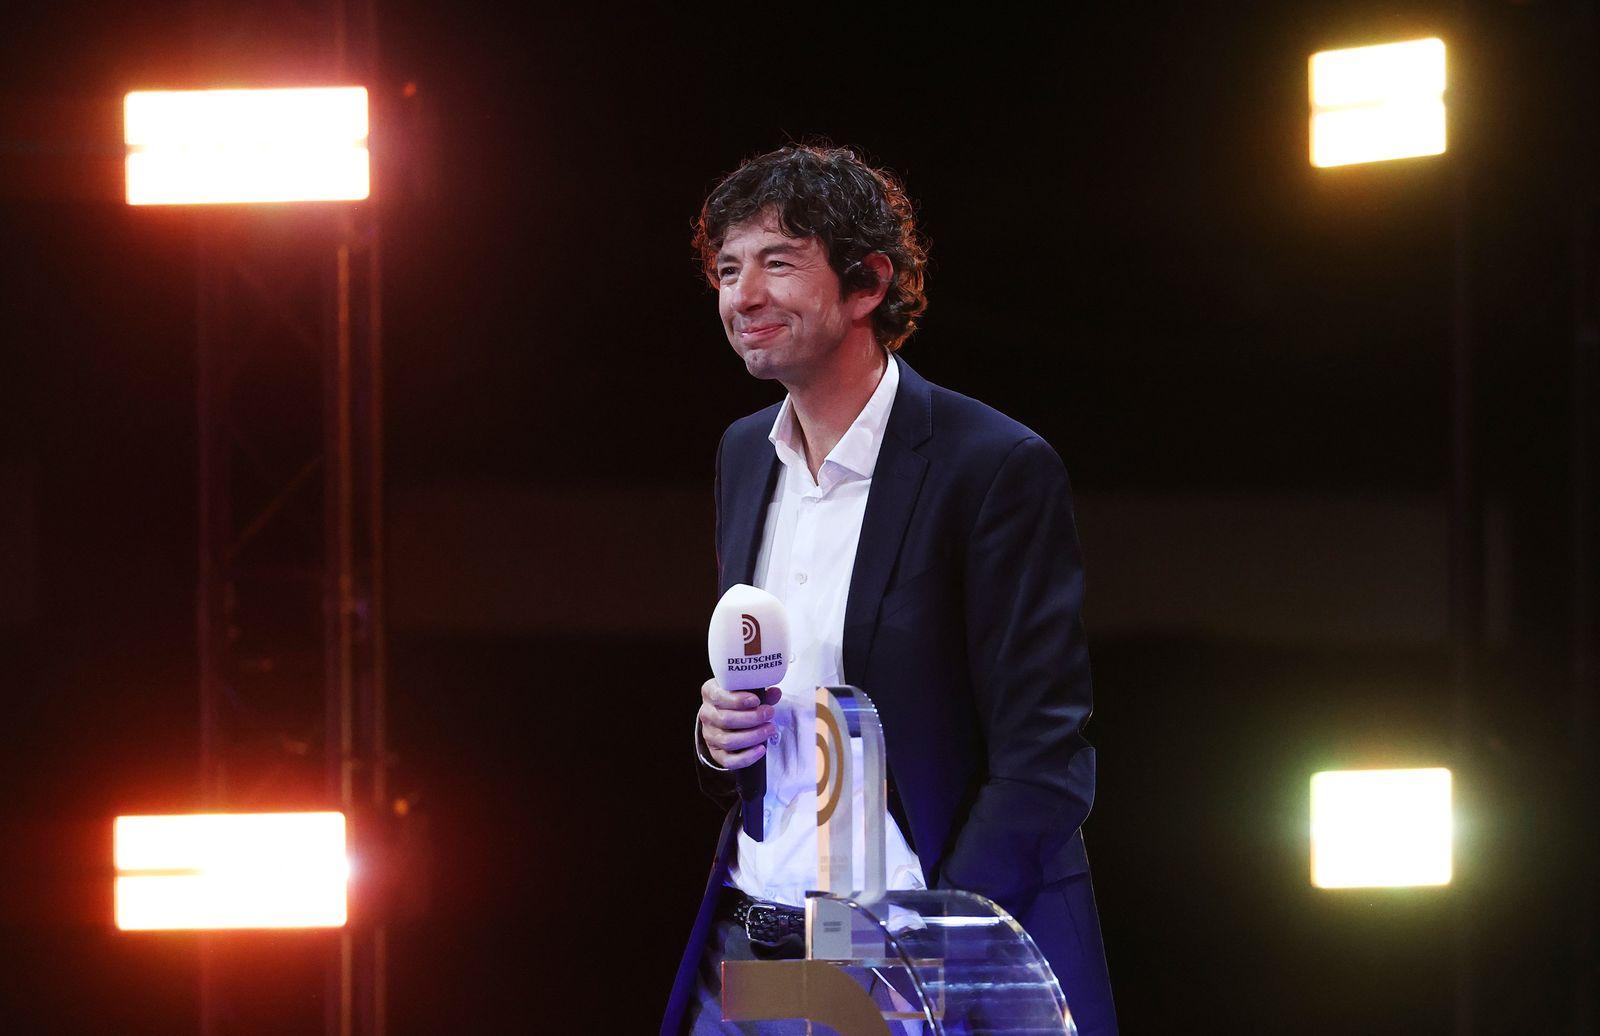 Verleihung des Deutschen Radiopreises 2020